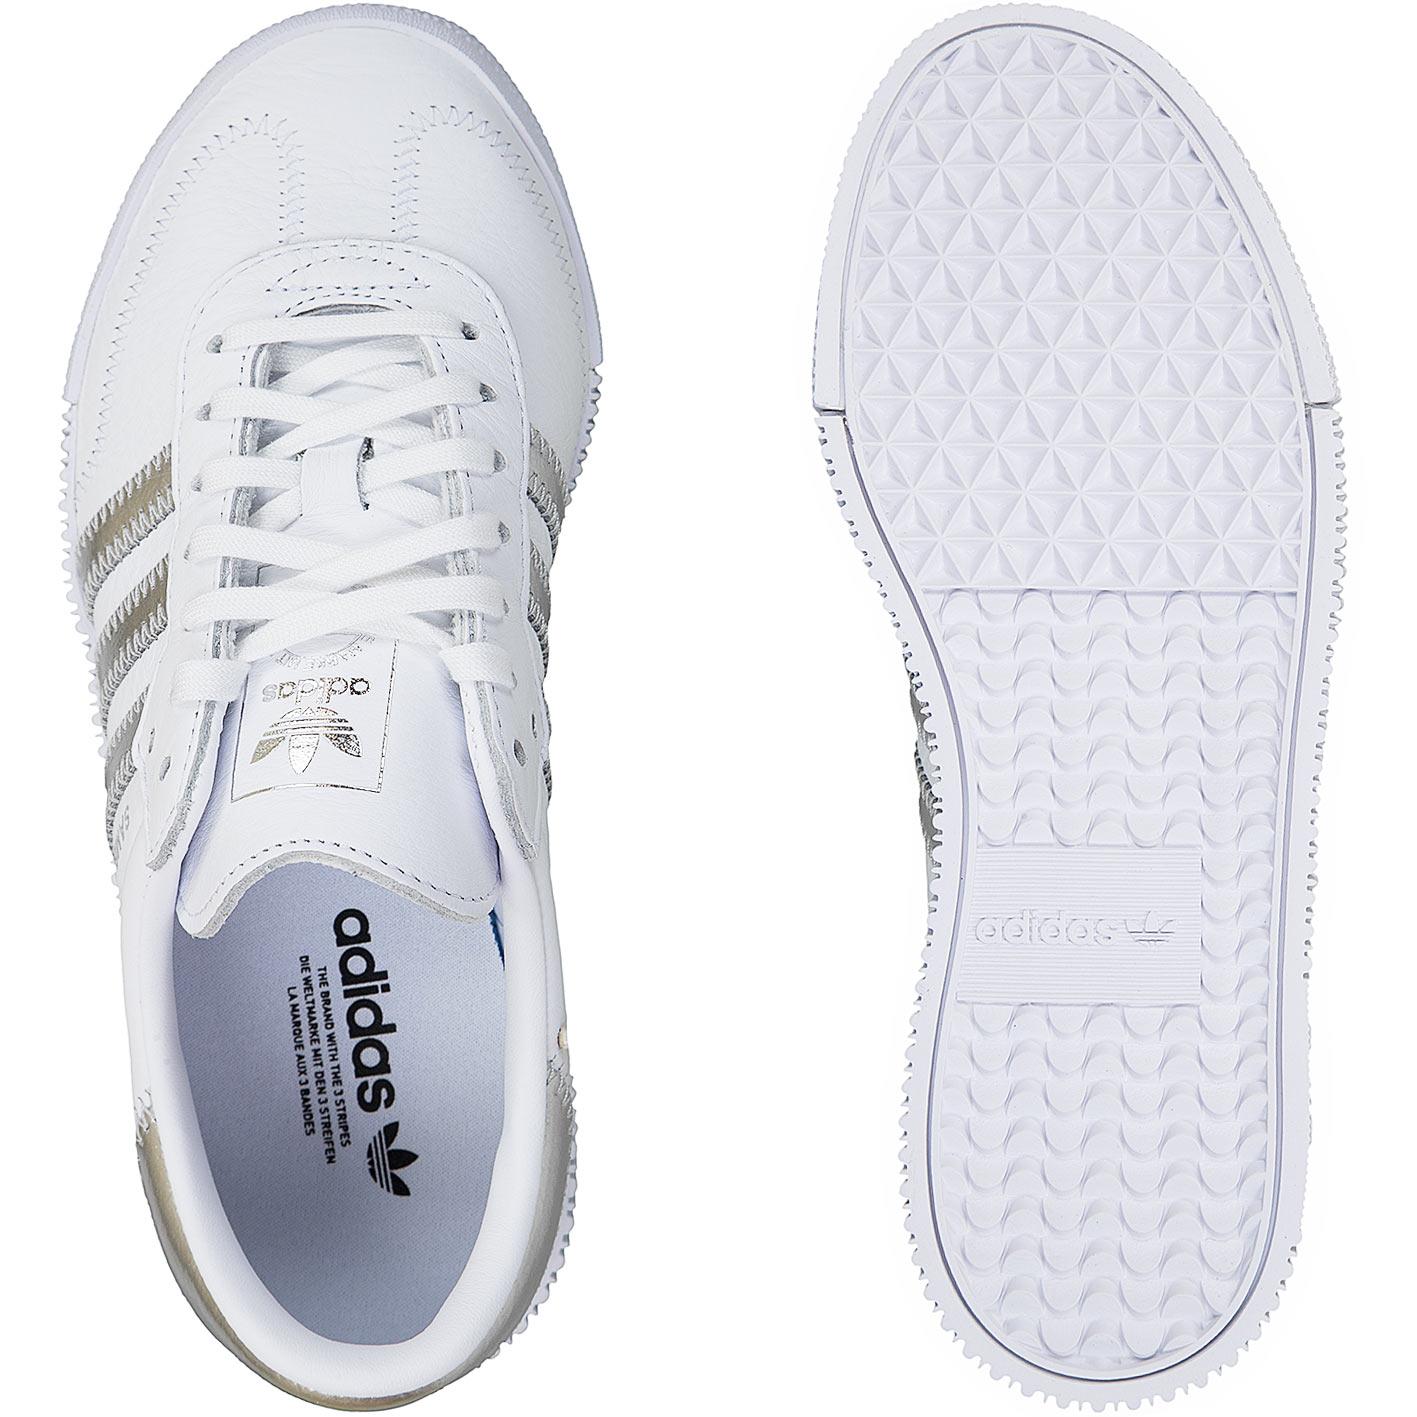 schuhe adidas weiß mit silber streifen